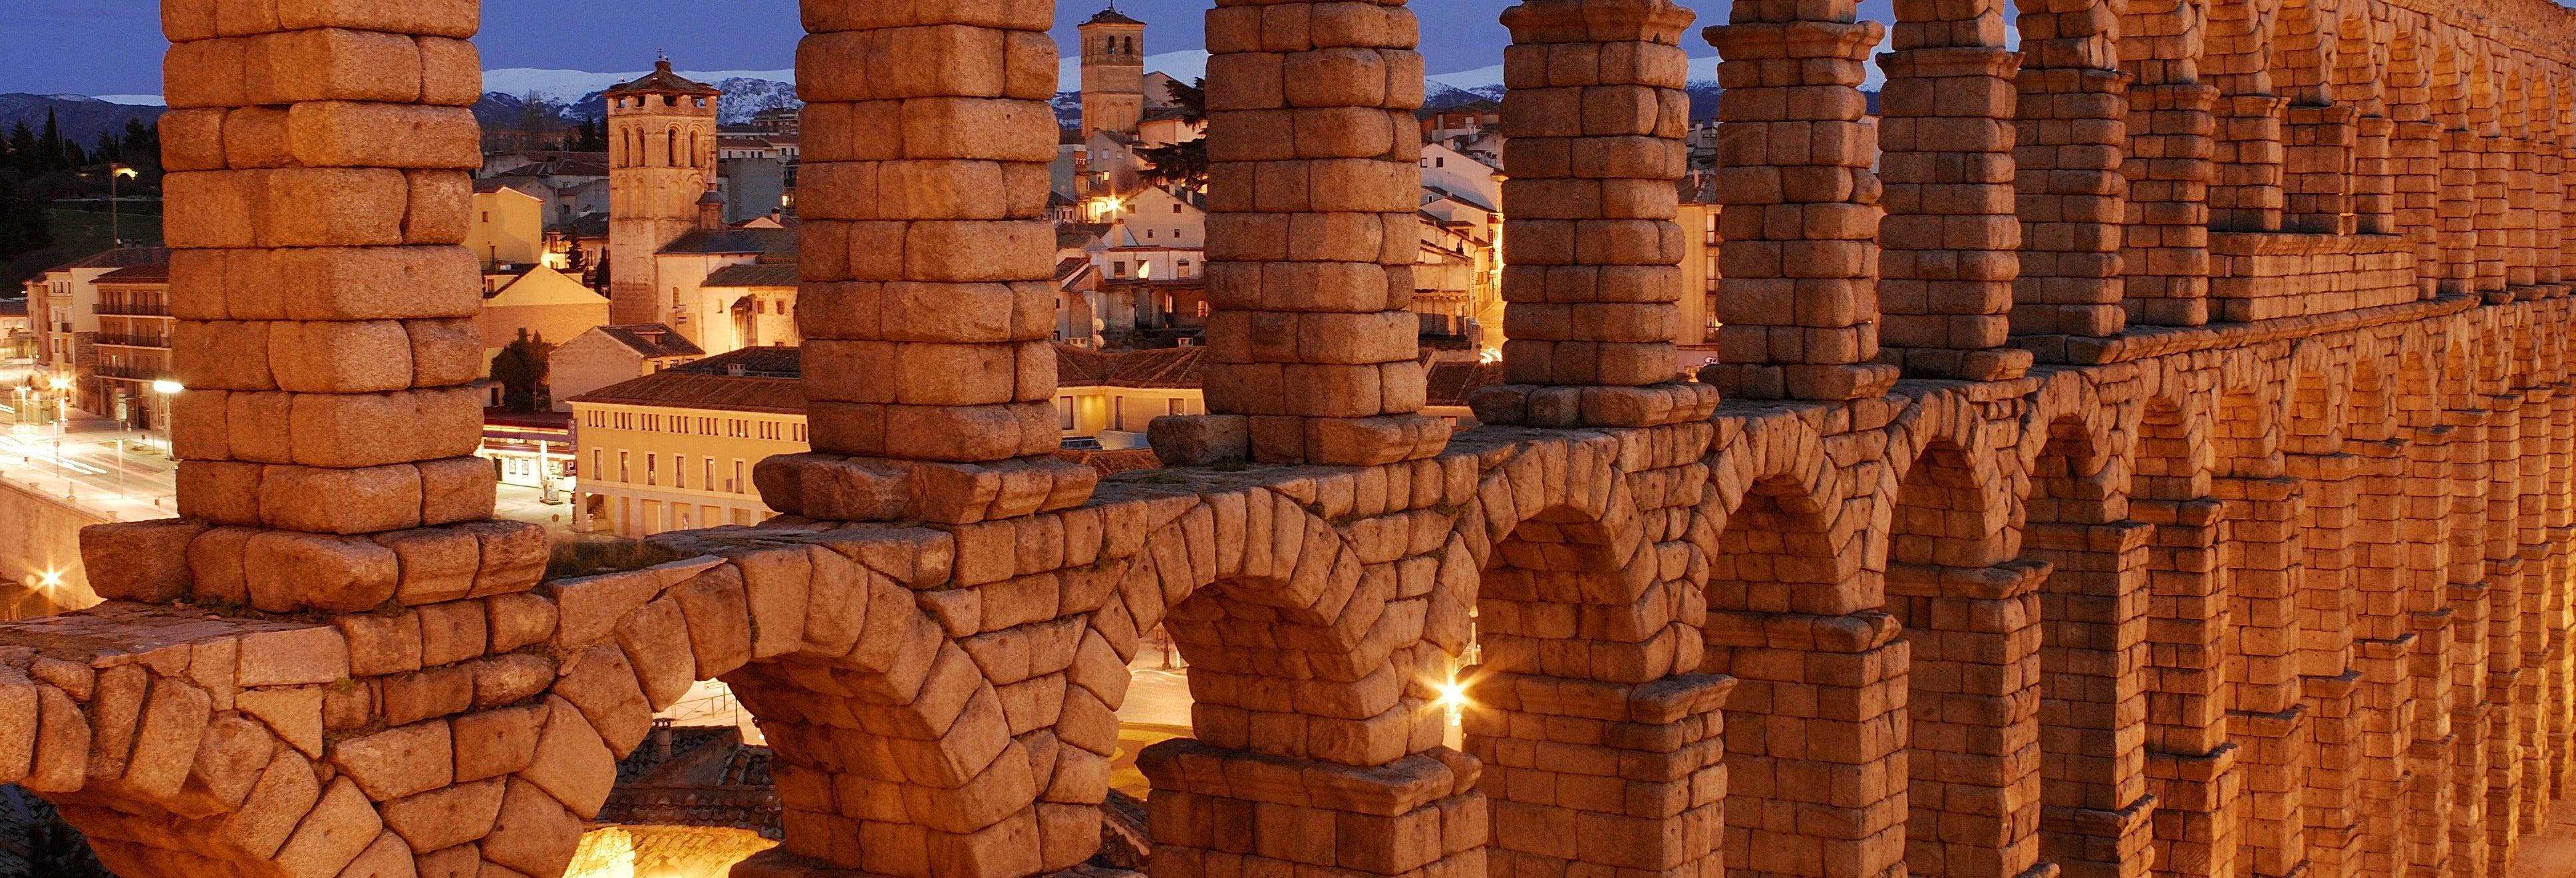 Visita guiada por Segovia + Catedral y Alcázar